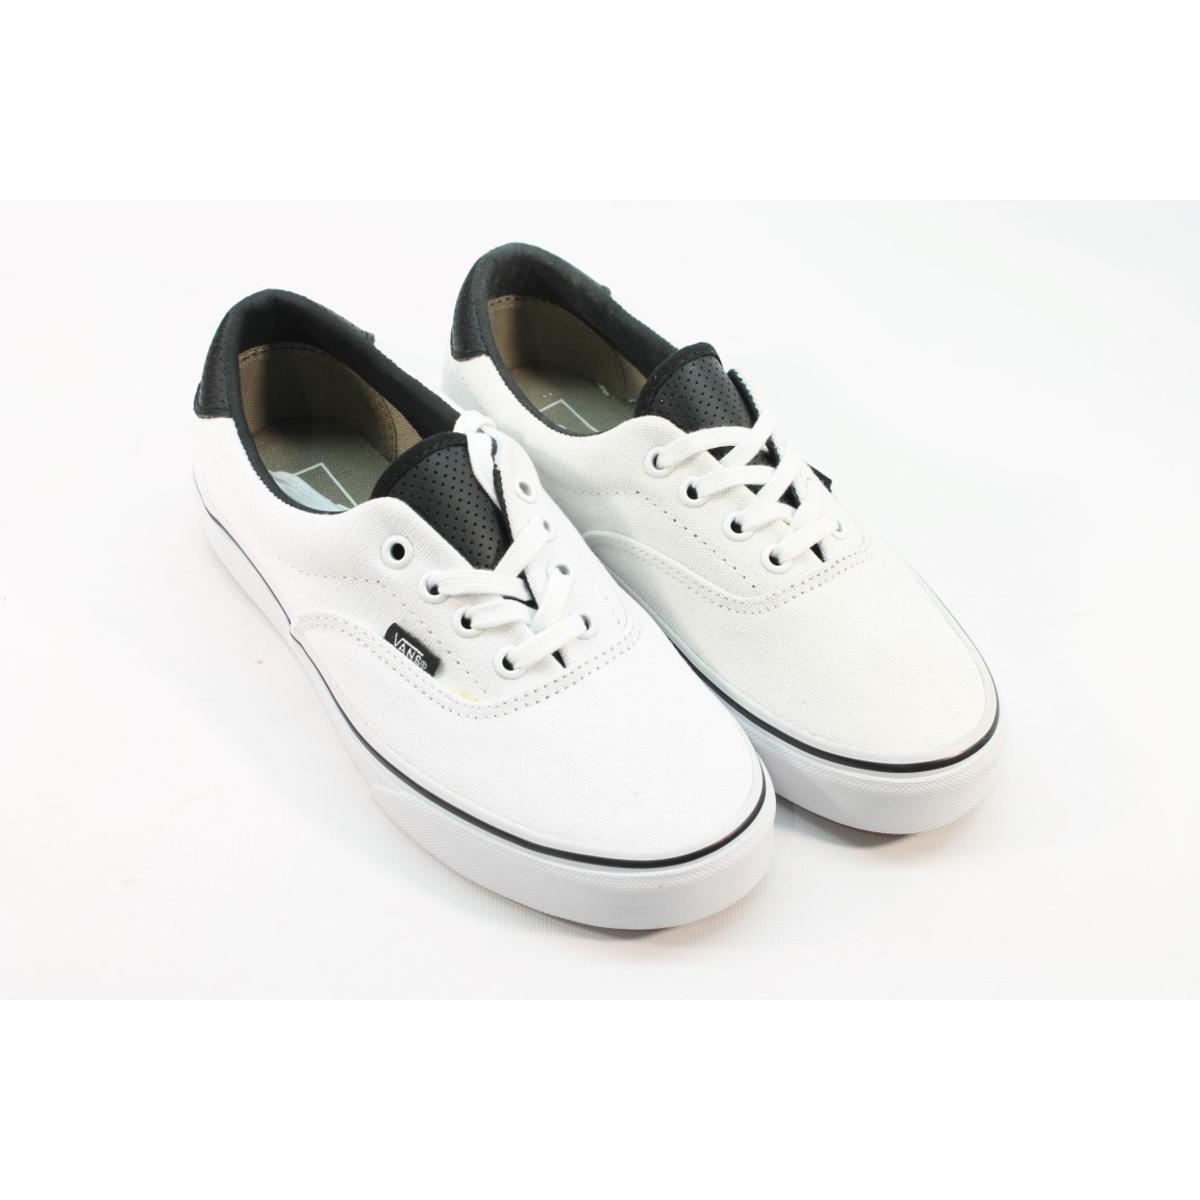 Details about Vans Era 59 (C P) Unisex True White Blac Shoes 659f63e1bca6